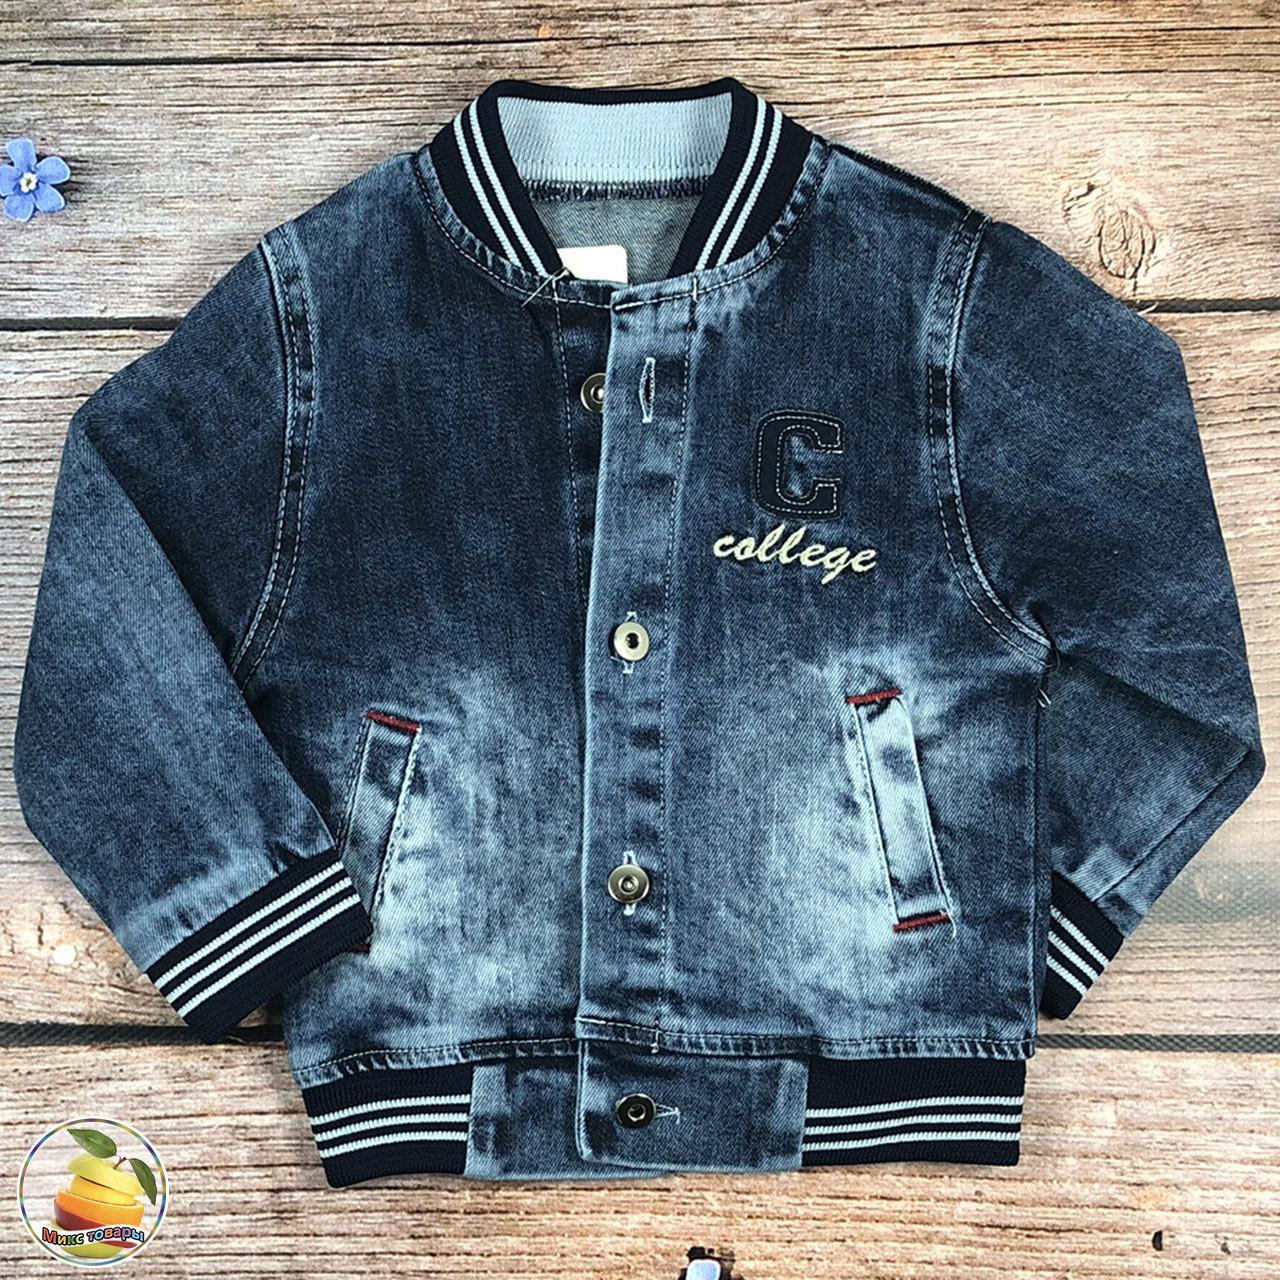 Джинсовая куртка для мальчика Размеры: 104 см (8917)